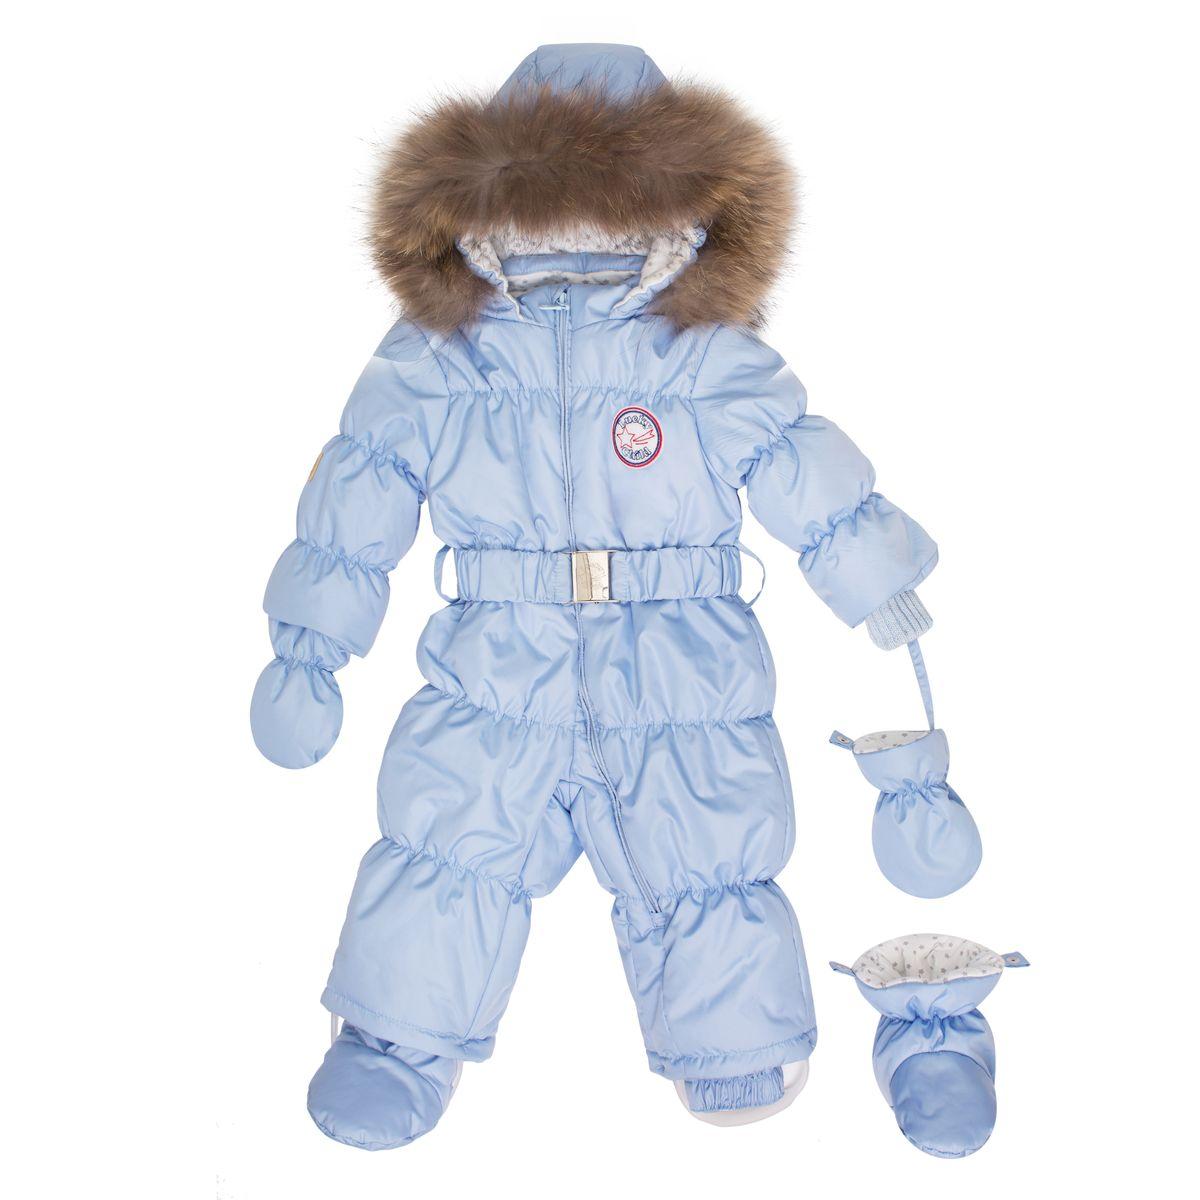 Комбинезон для мальчика Lucky Child, цвет: голубой. В1-3. Размер 86В1-3Этой зимой вашему малышу предстоит впервые увидеть снег? Подберите для этого важного знакомства удобный и тёплый комбинезон Lucky Child! Он выполнен из курточной ткани с влагостойкой пропиткой, а значит, не промокнет, даже если Ваша кроха, знакомясь со снегом, решит нырнуть в сугроб. Наполнитель – лёгкий и тёплый Isosoft, который позволит ребёнку не мёрзнуть при температуре до -30° и при этом вести активную деятельность во время прогулки. Трикотажная подкладка (кулирка) обладает воздухопроницаемыми и водоотводными свойствами, что очень важно, если малыш вспотеет. Капюшон оторочен натуральным мехом енота. Ножки и ручки малыша утеплят отстёгивающиеся варежки и сапожки.